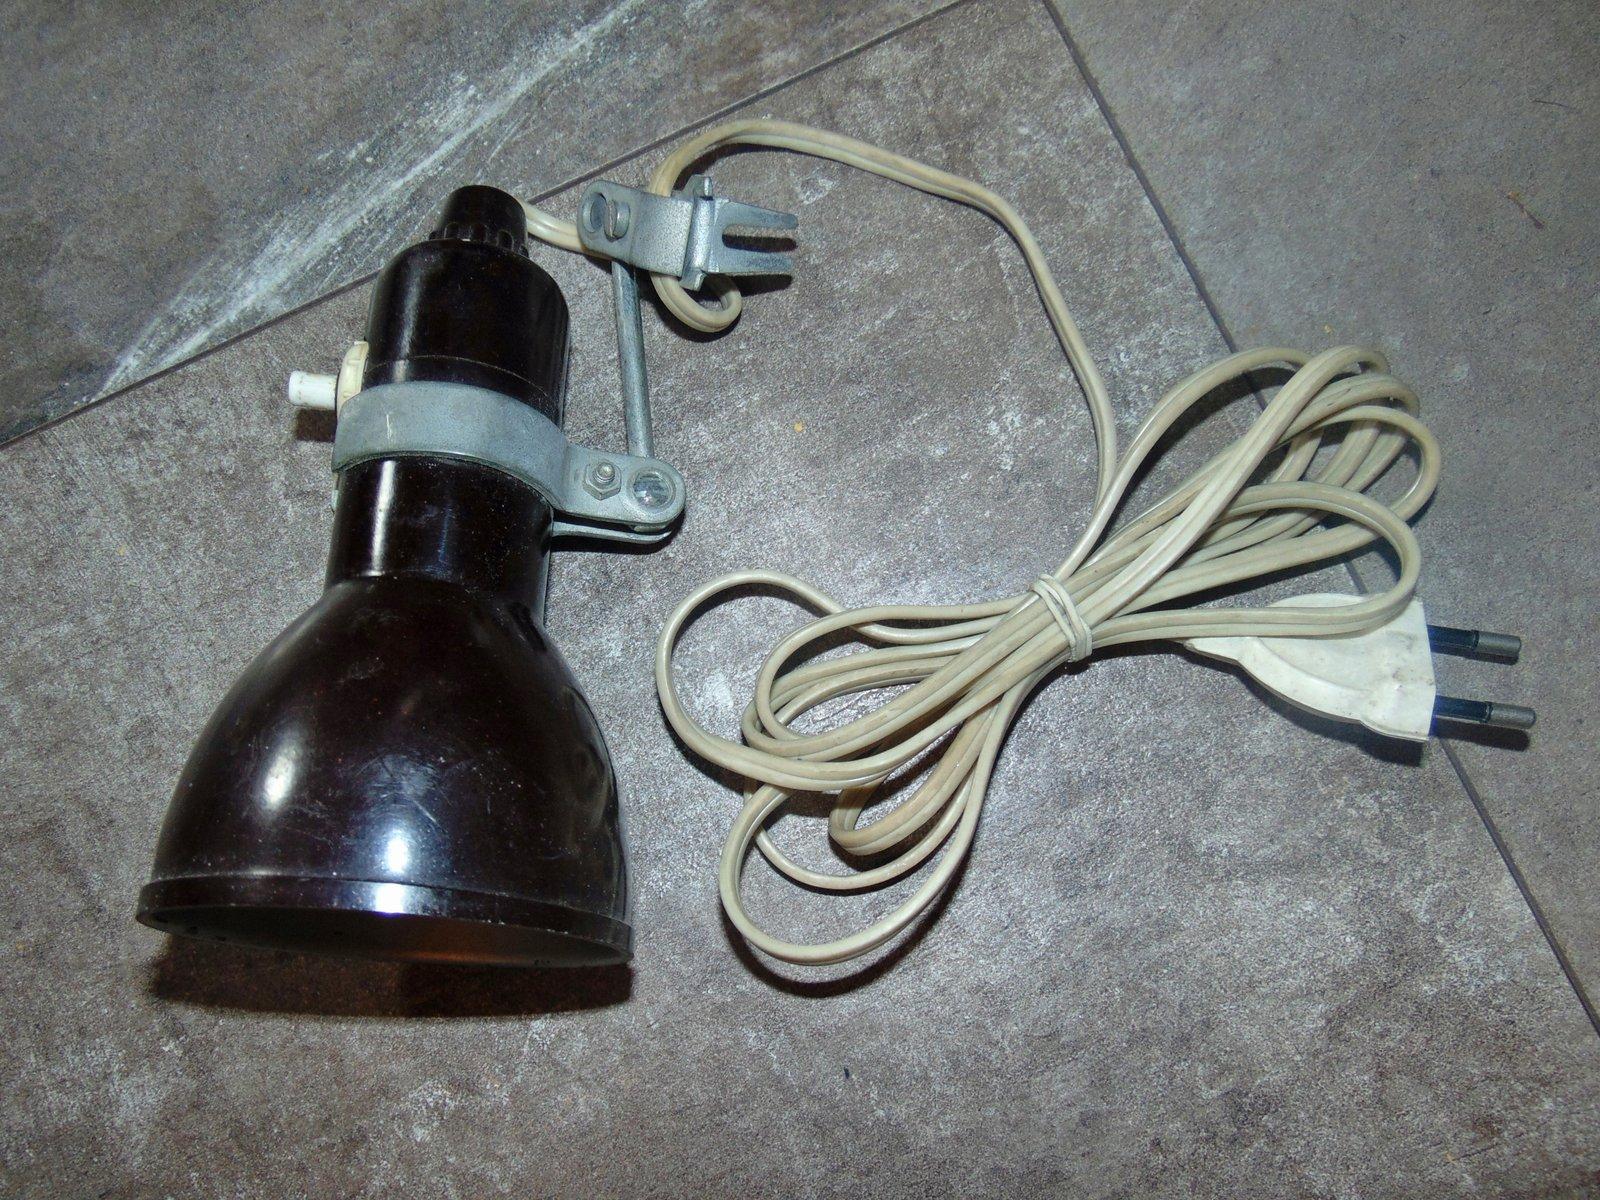 Vintage Bakelit Lampe, 1950er